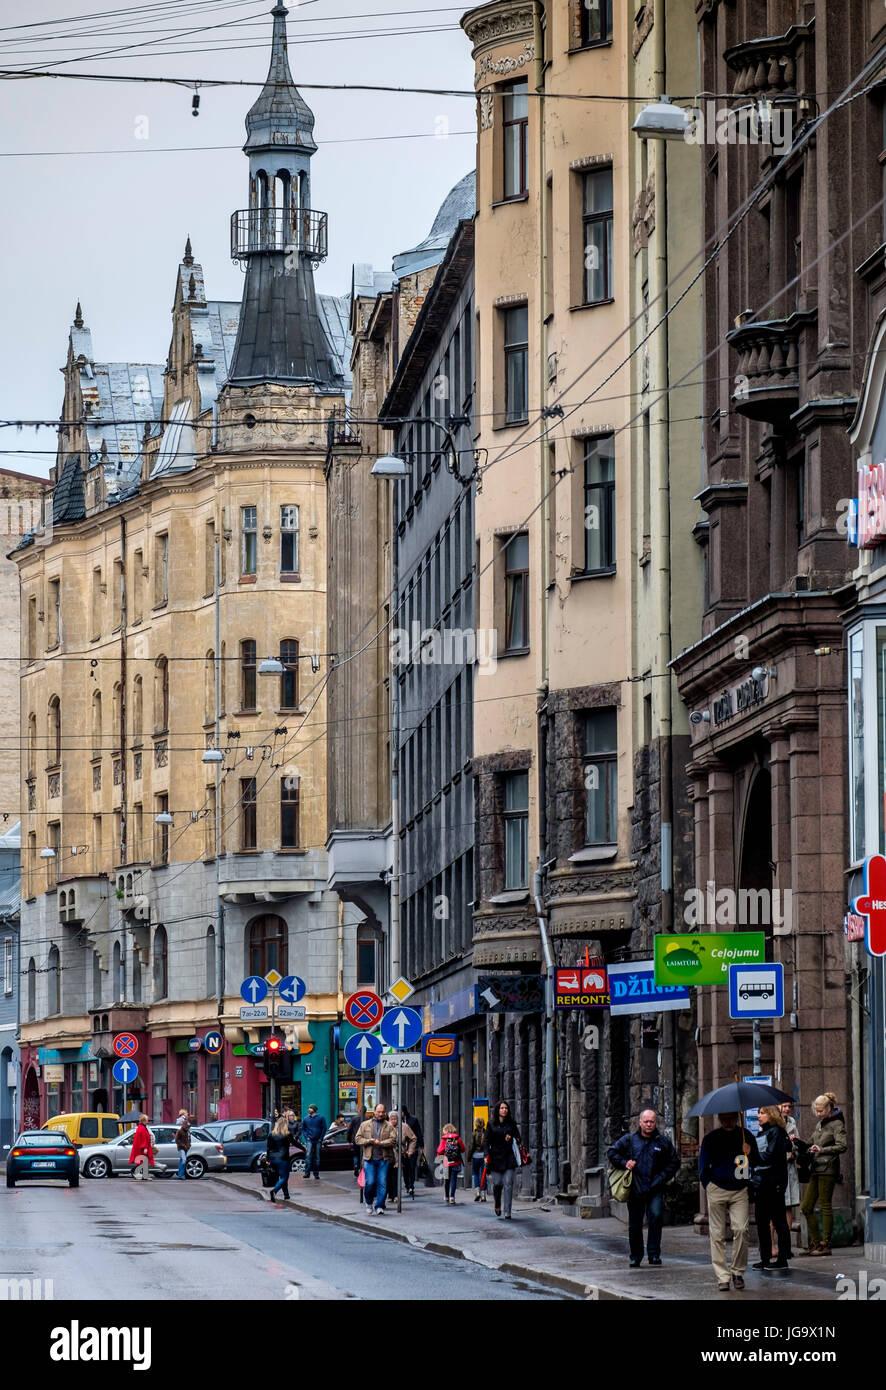 RIGA, LATVIA - CIRCA MAY 2014: View of Marijas iela street in the center of Riga. - Stock Image